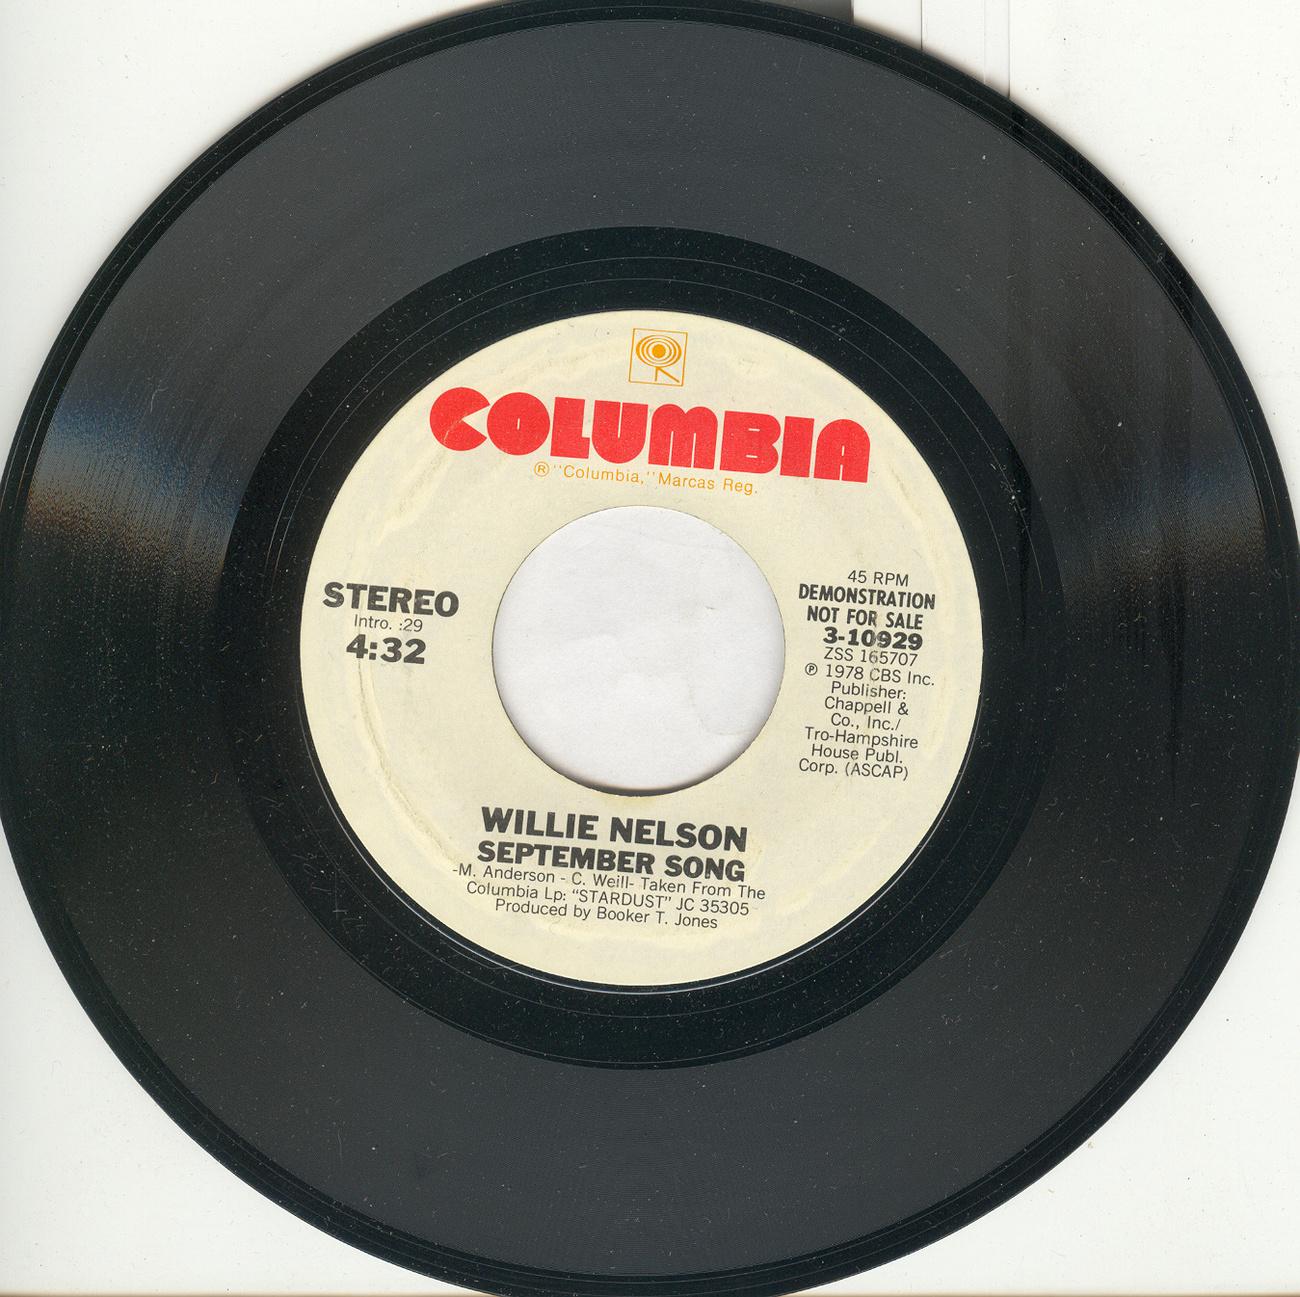 Willie nelson september song